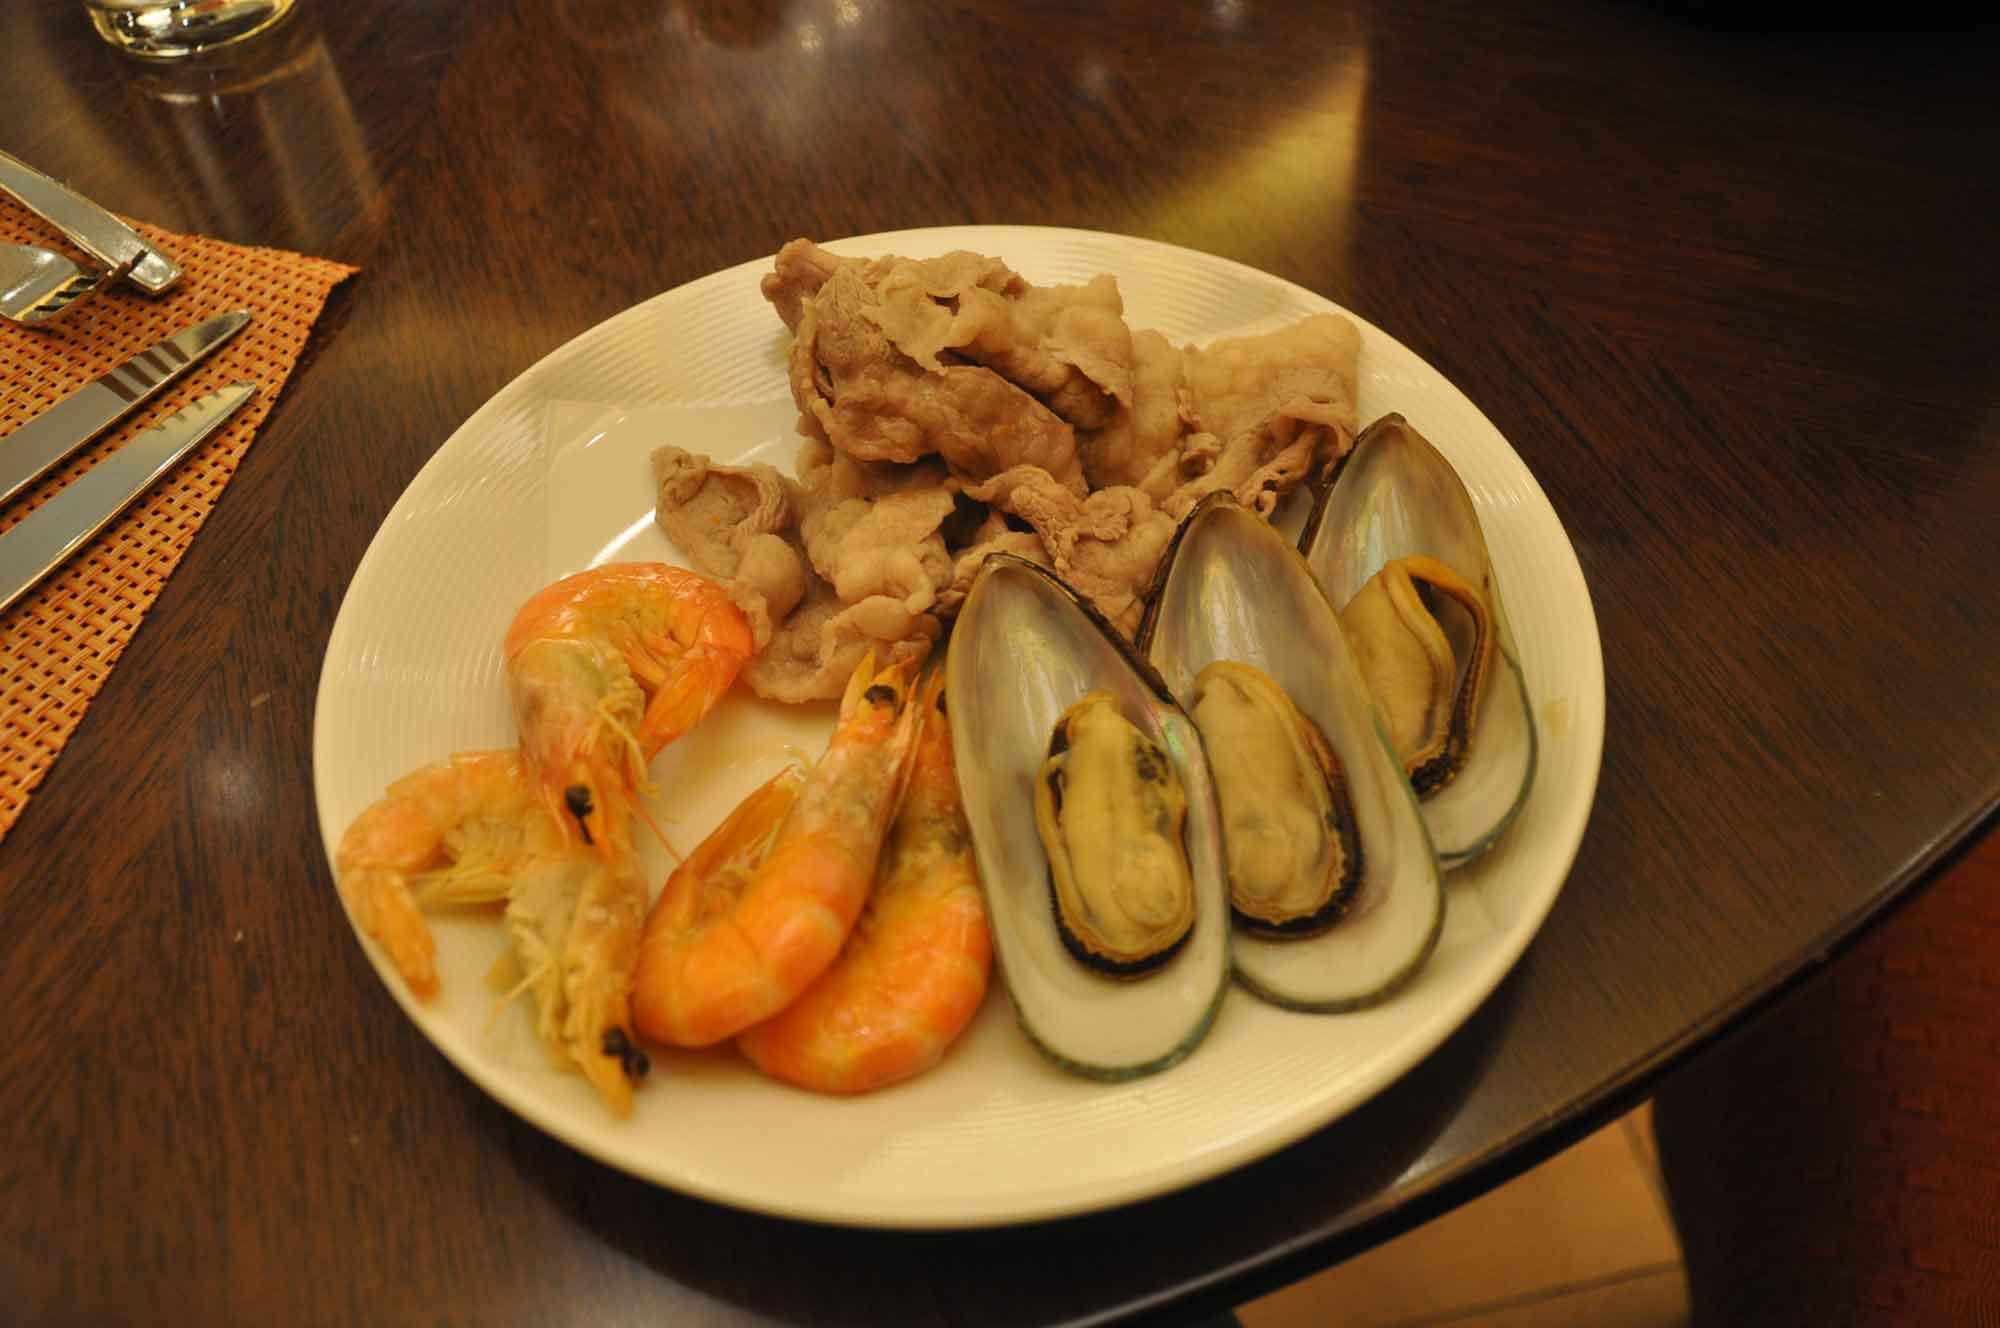 Grand Orbit Macau seafood